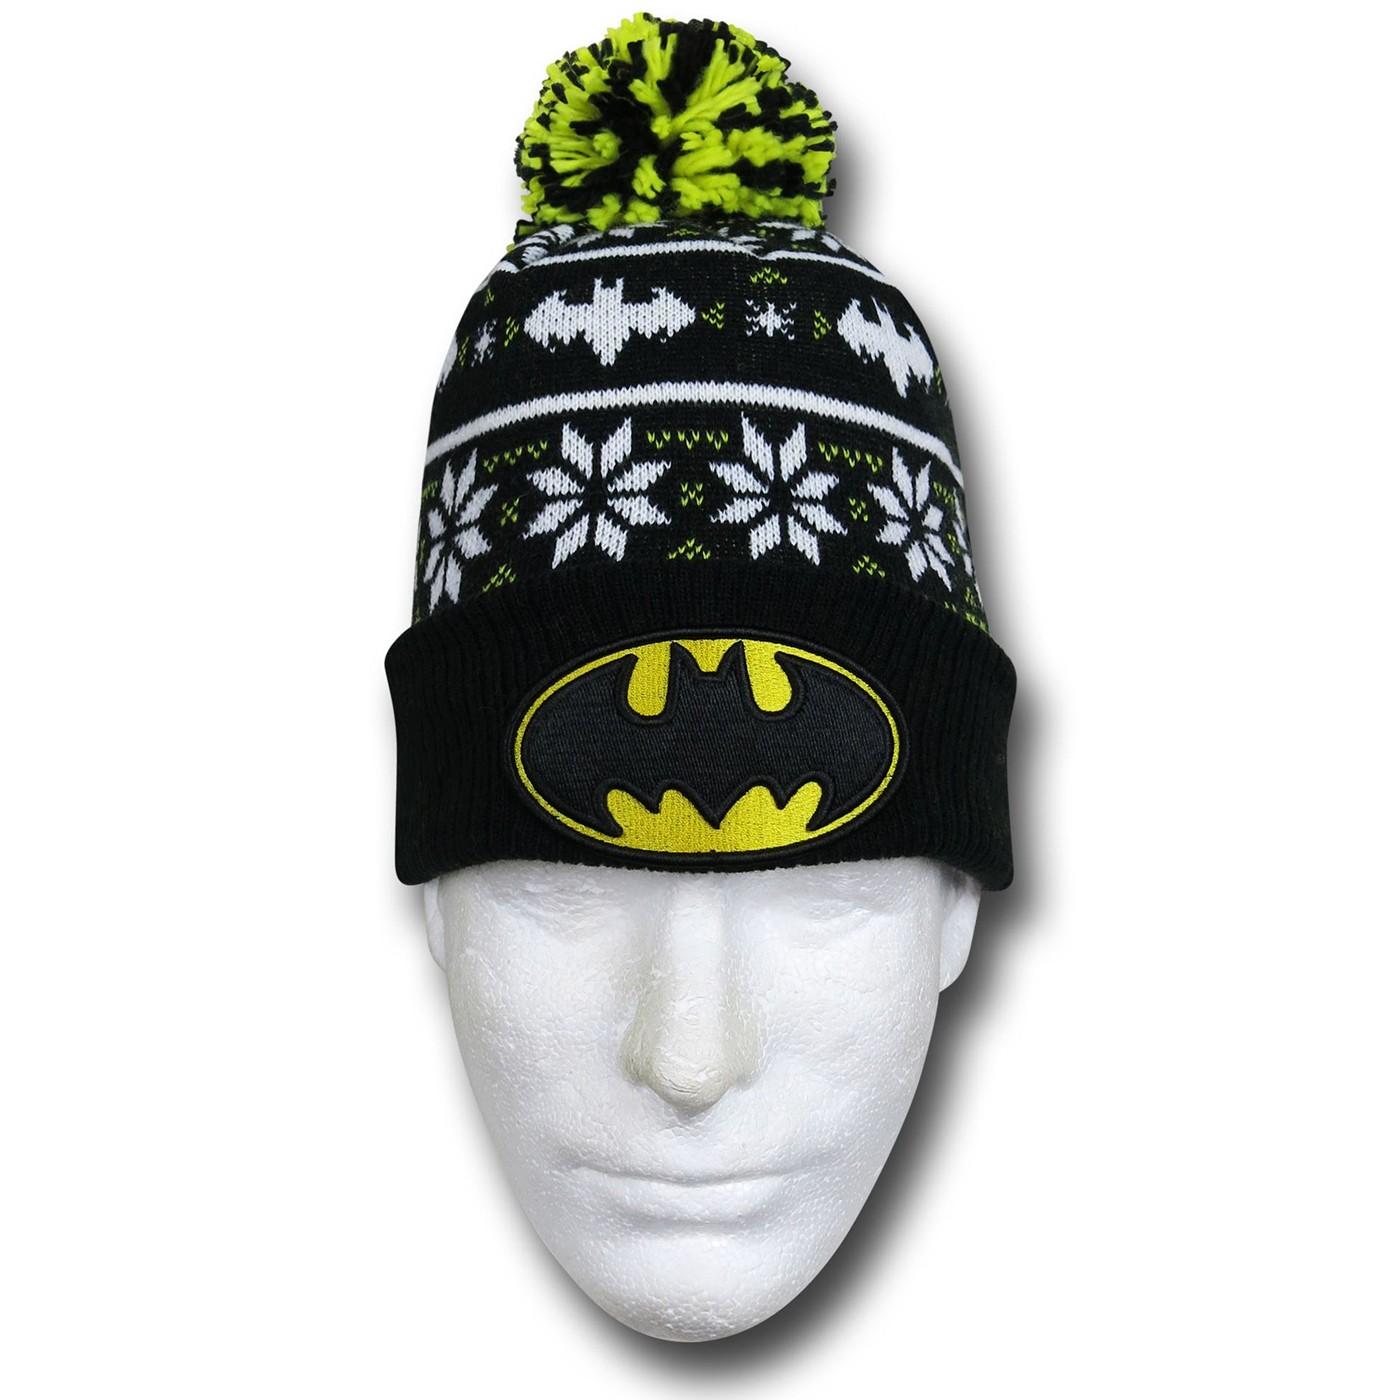 Batman Symbol Knit Pom Pom Beanie